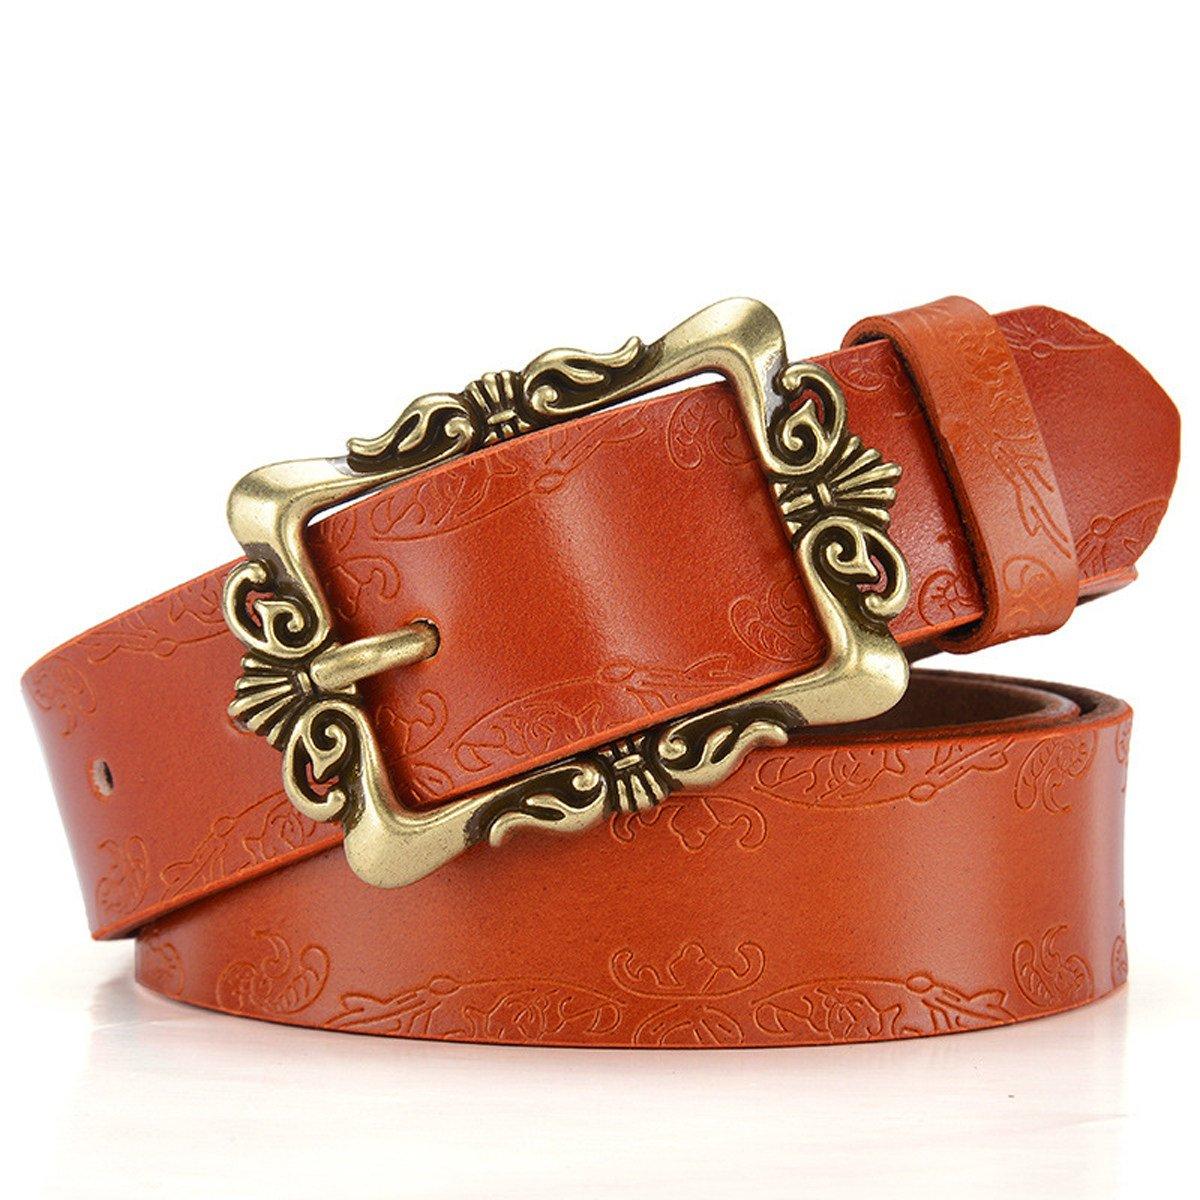 Retro Hebilla Mujer Amplia Cinturón Moda Decoración Jeans Cinturón: Amazon.es: Ropa y accesorios